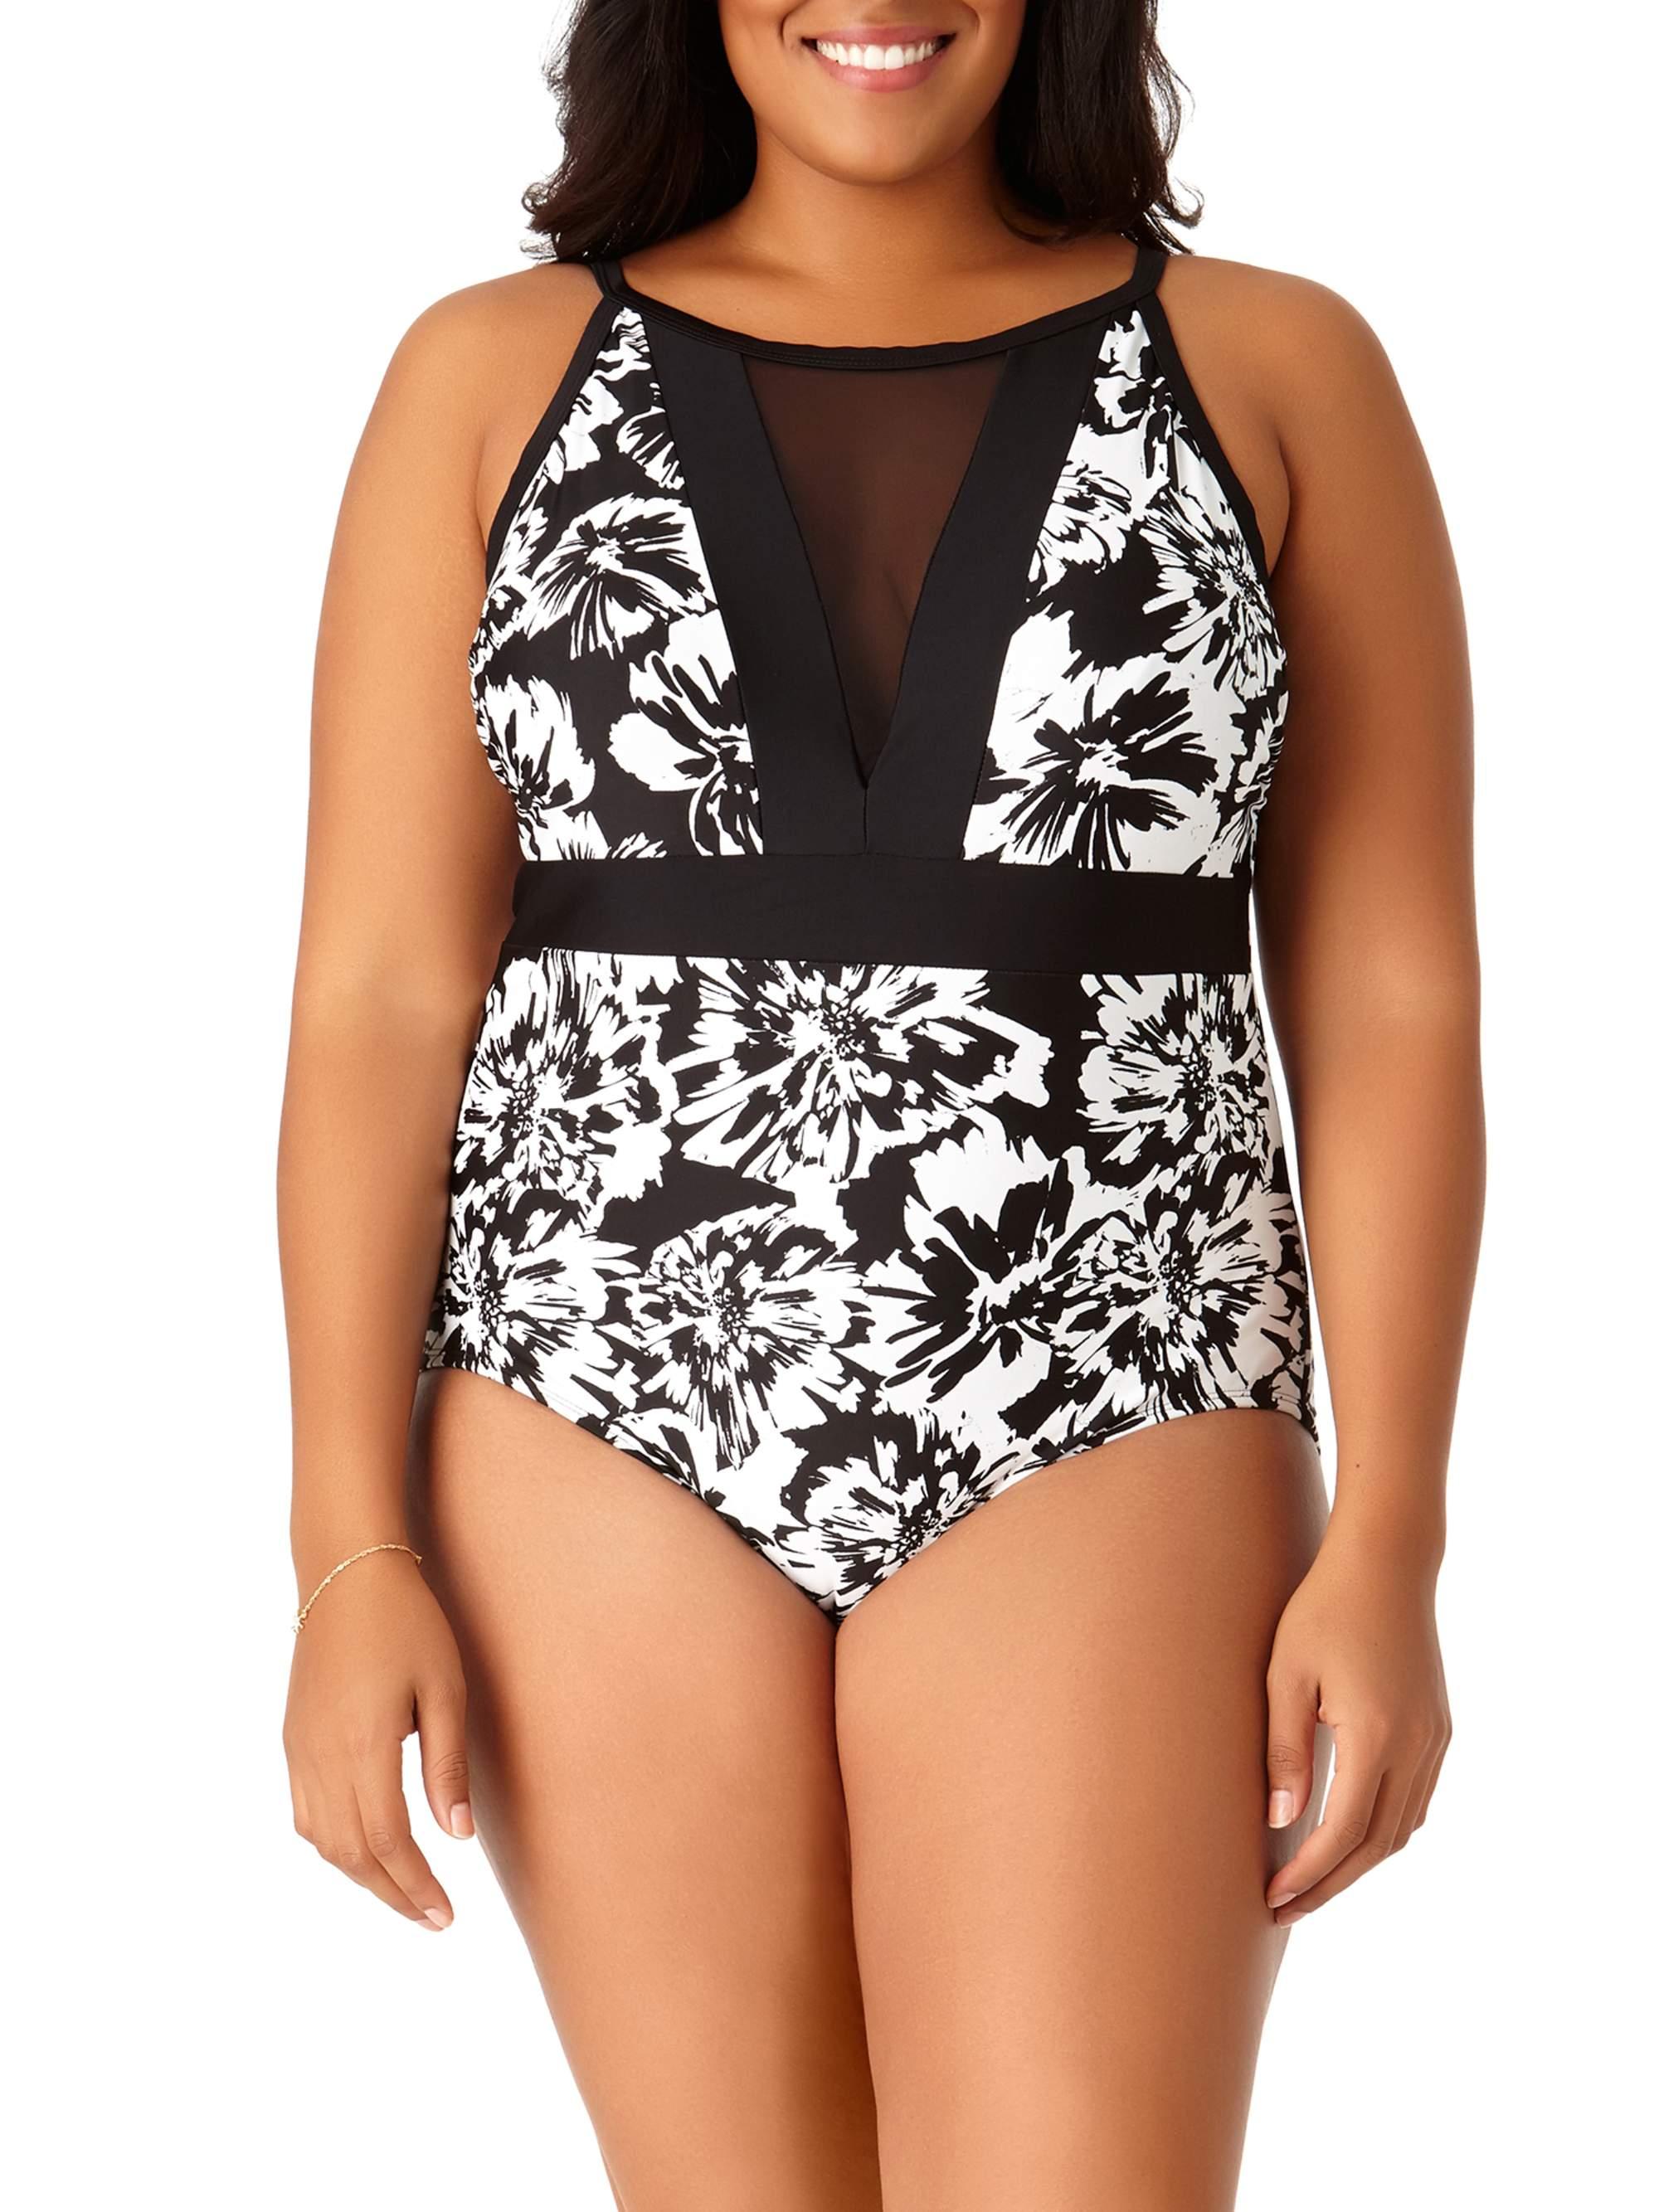 Women's Plus-Size Floral Burst One-Piece Swimsuit